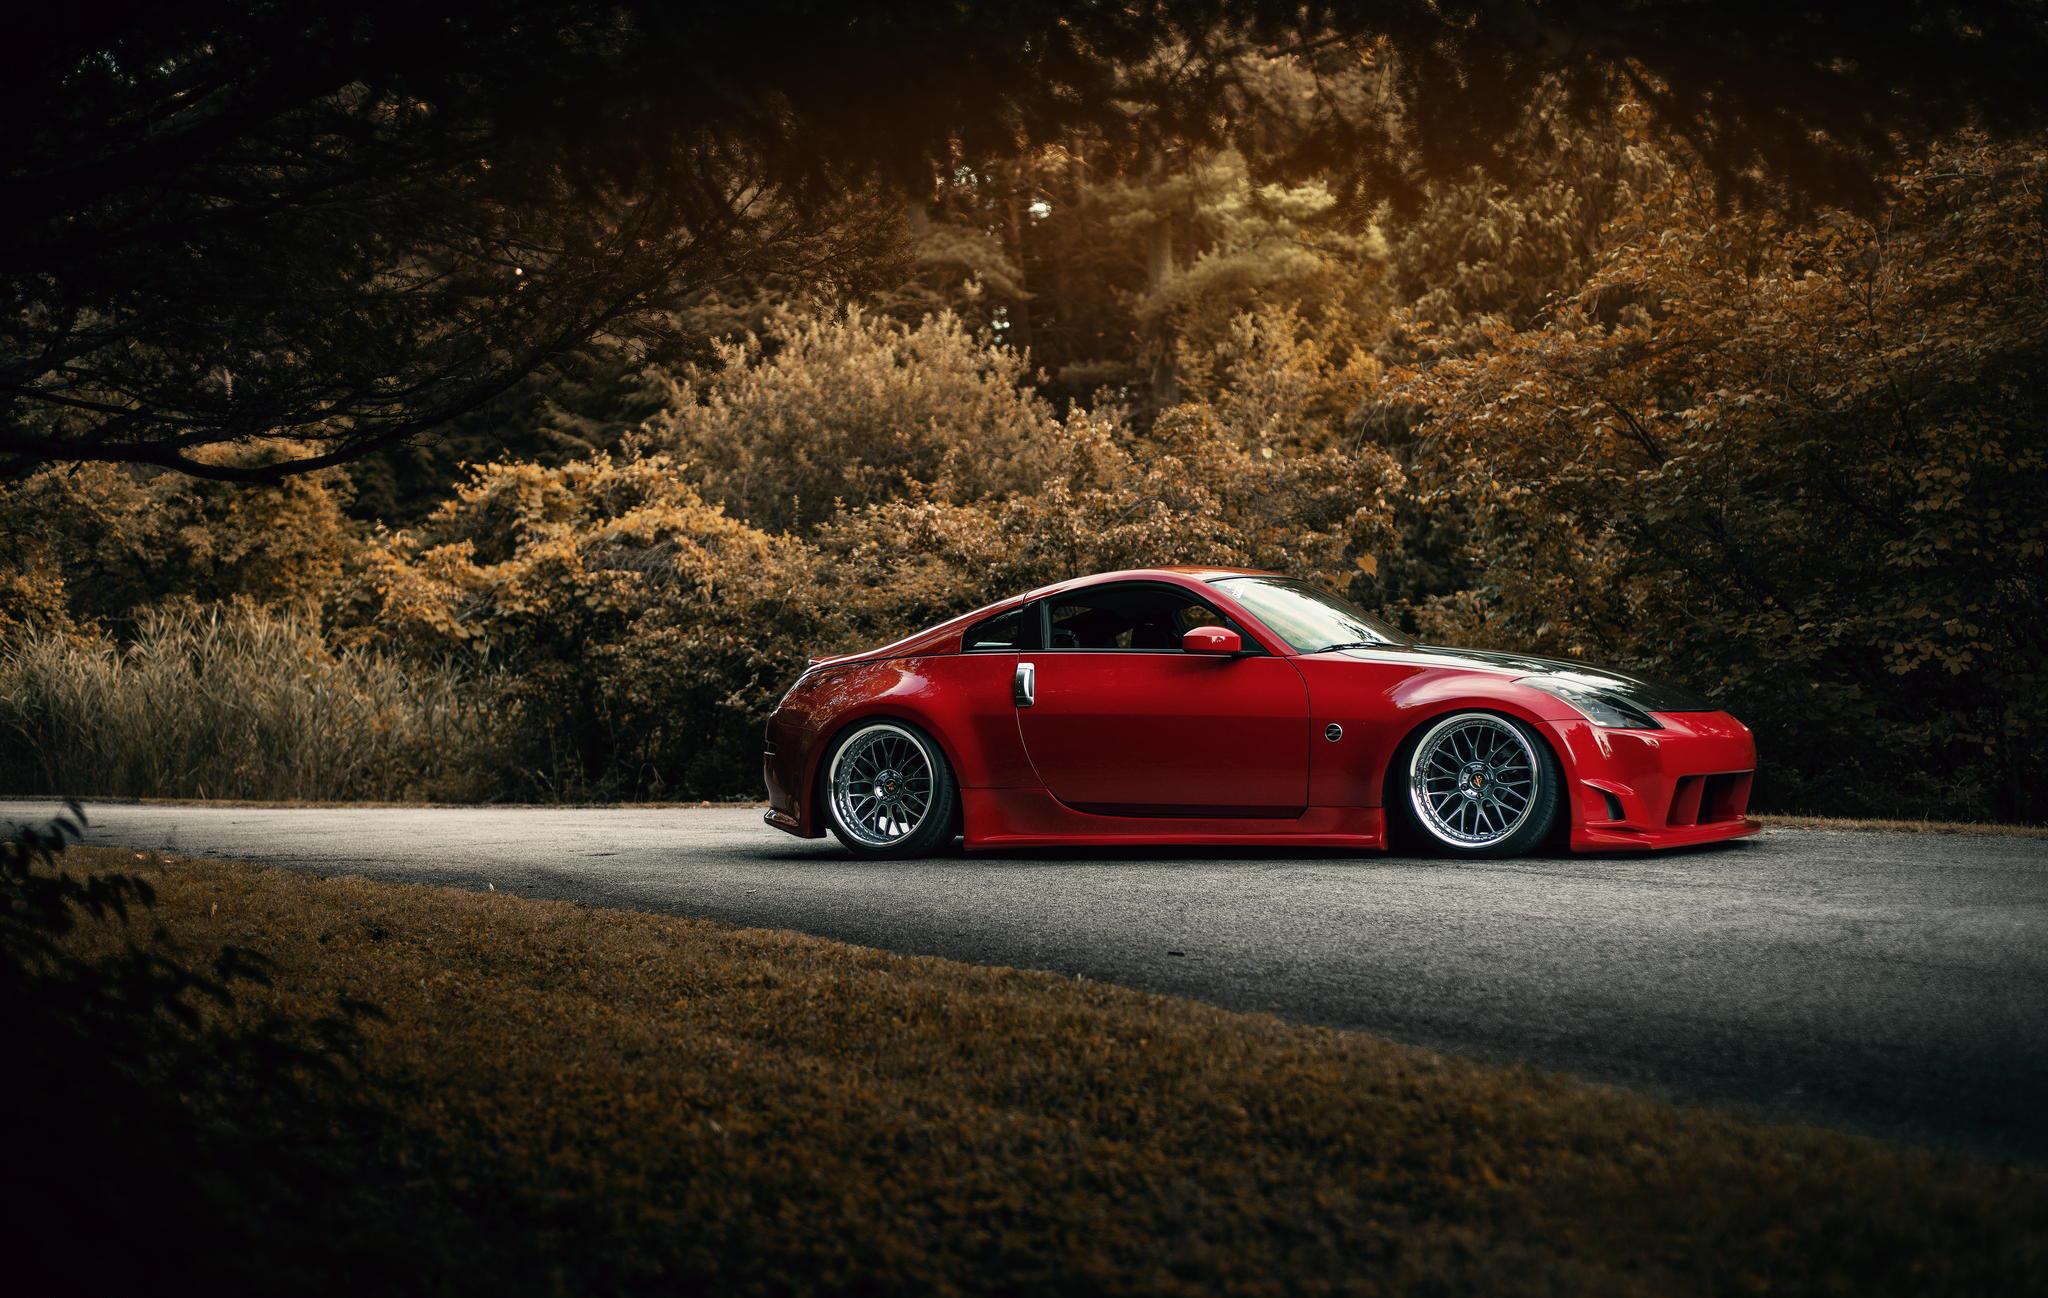 Fondos De Vehiculos: Nissan 350z Fondos De Pantalla, Fondos De Escritorio